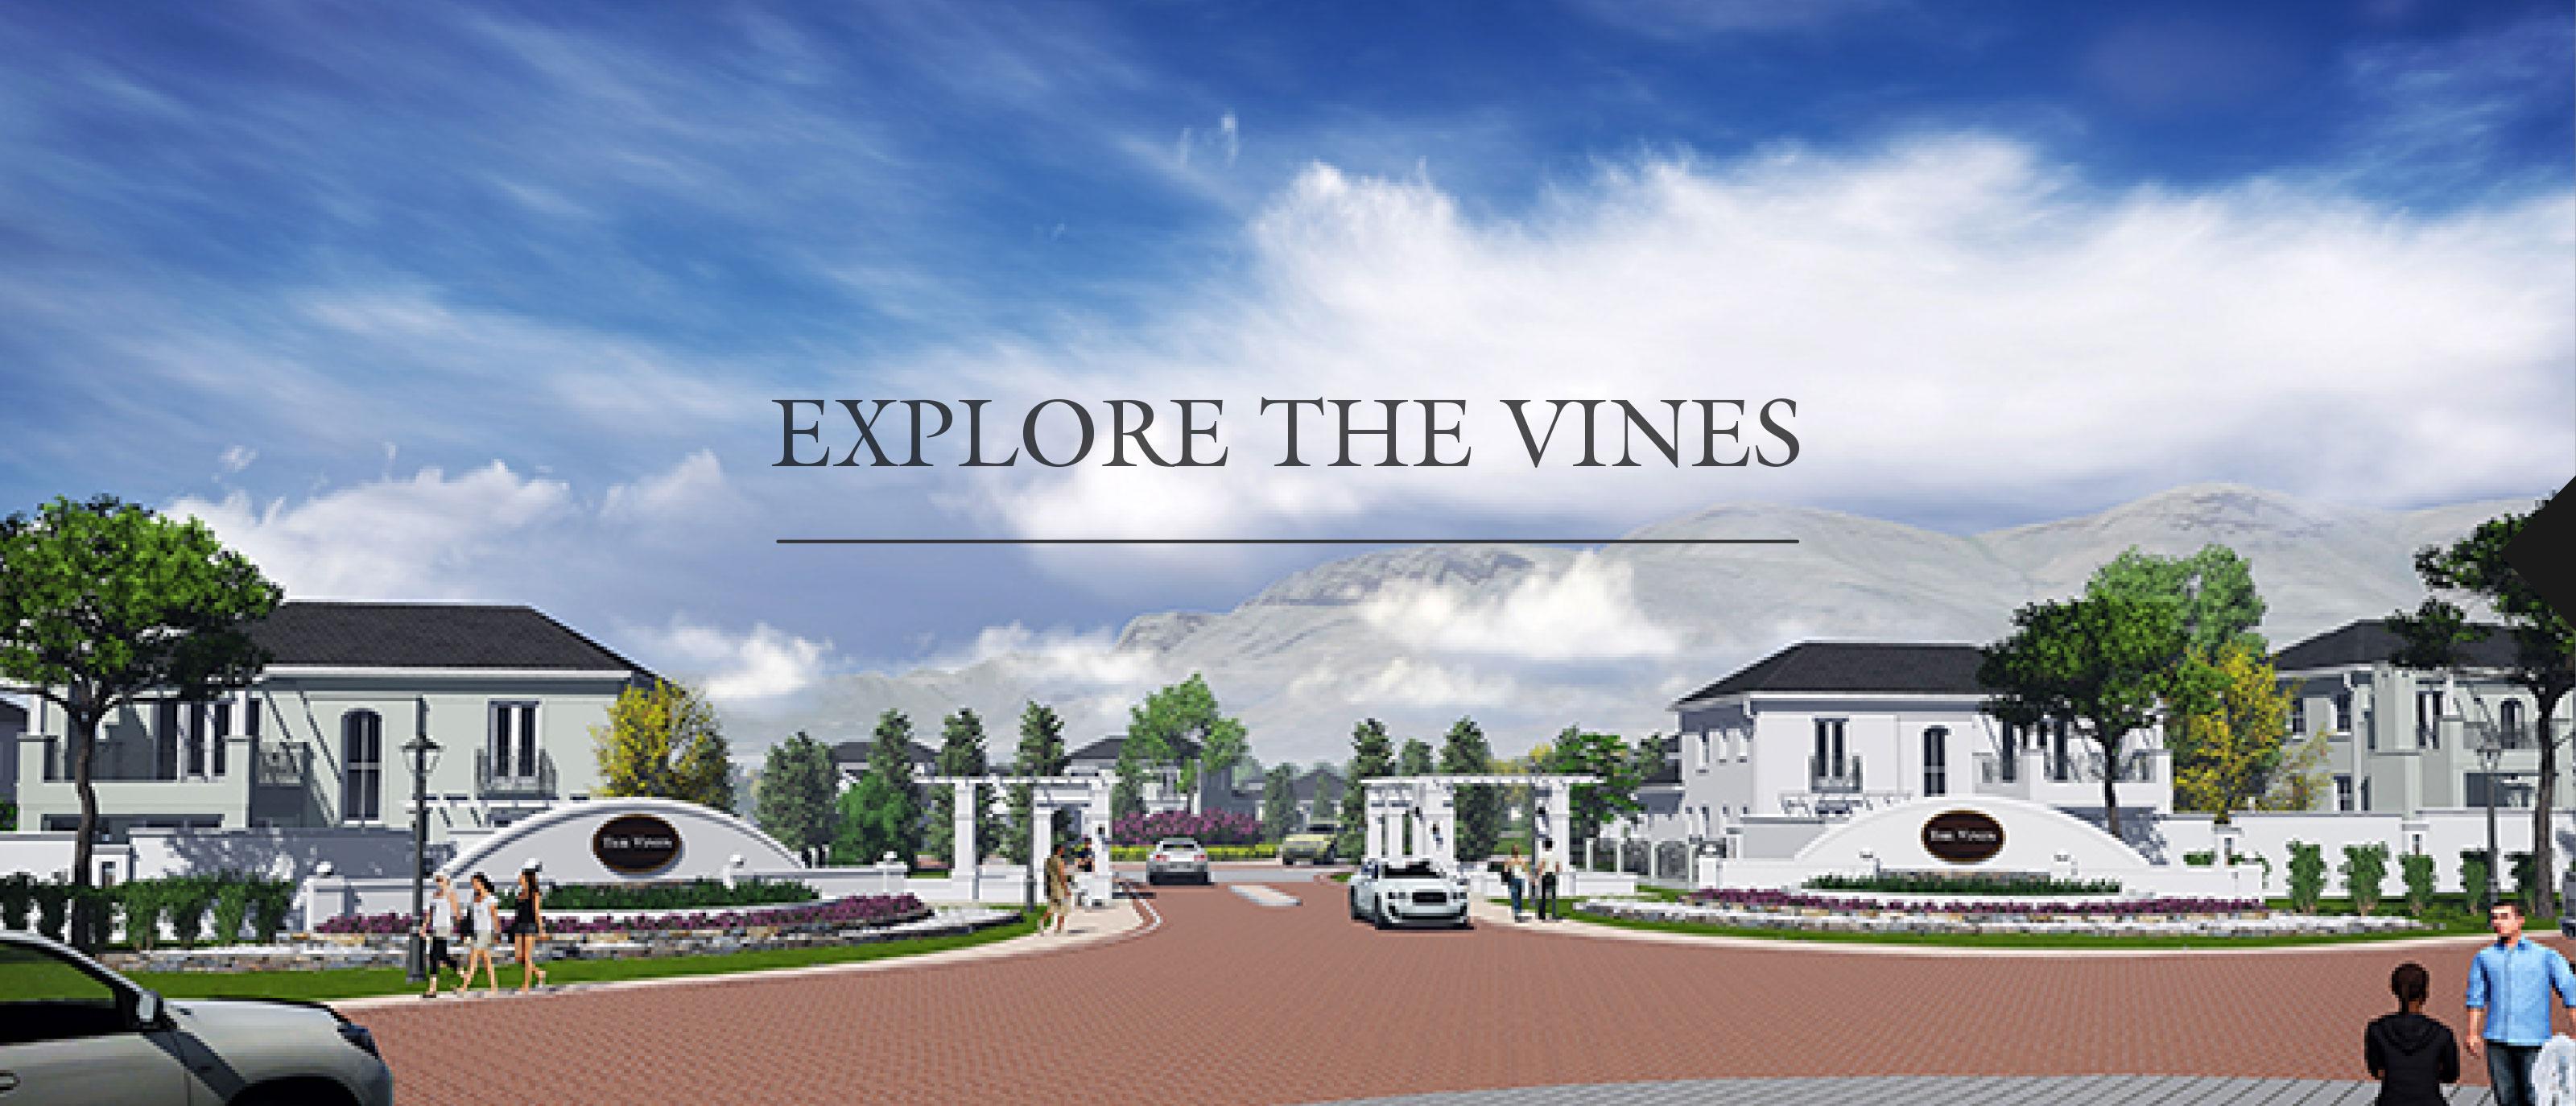 explore-vines